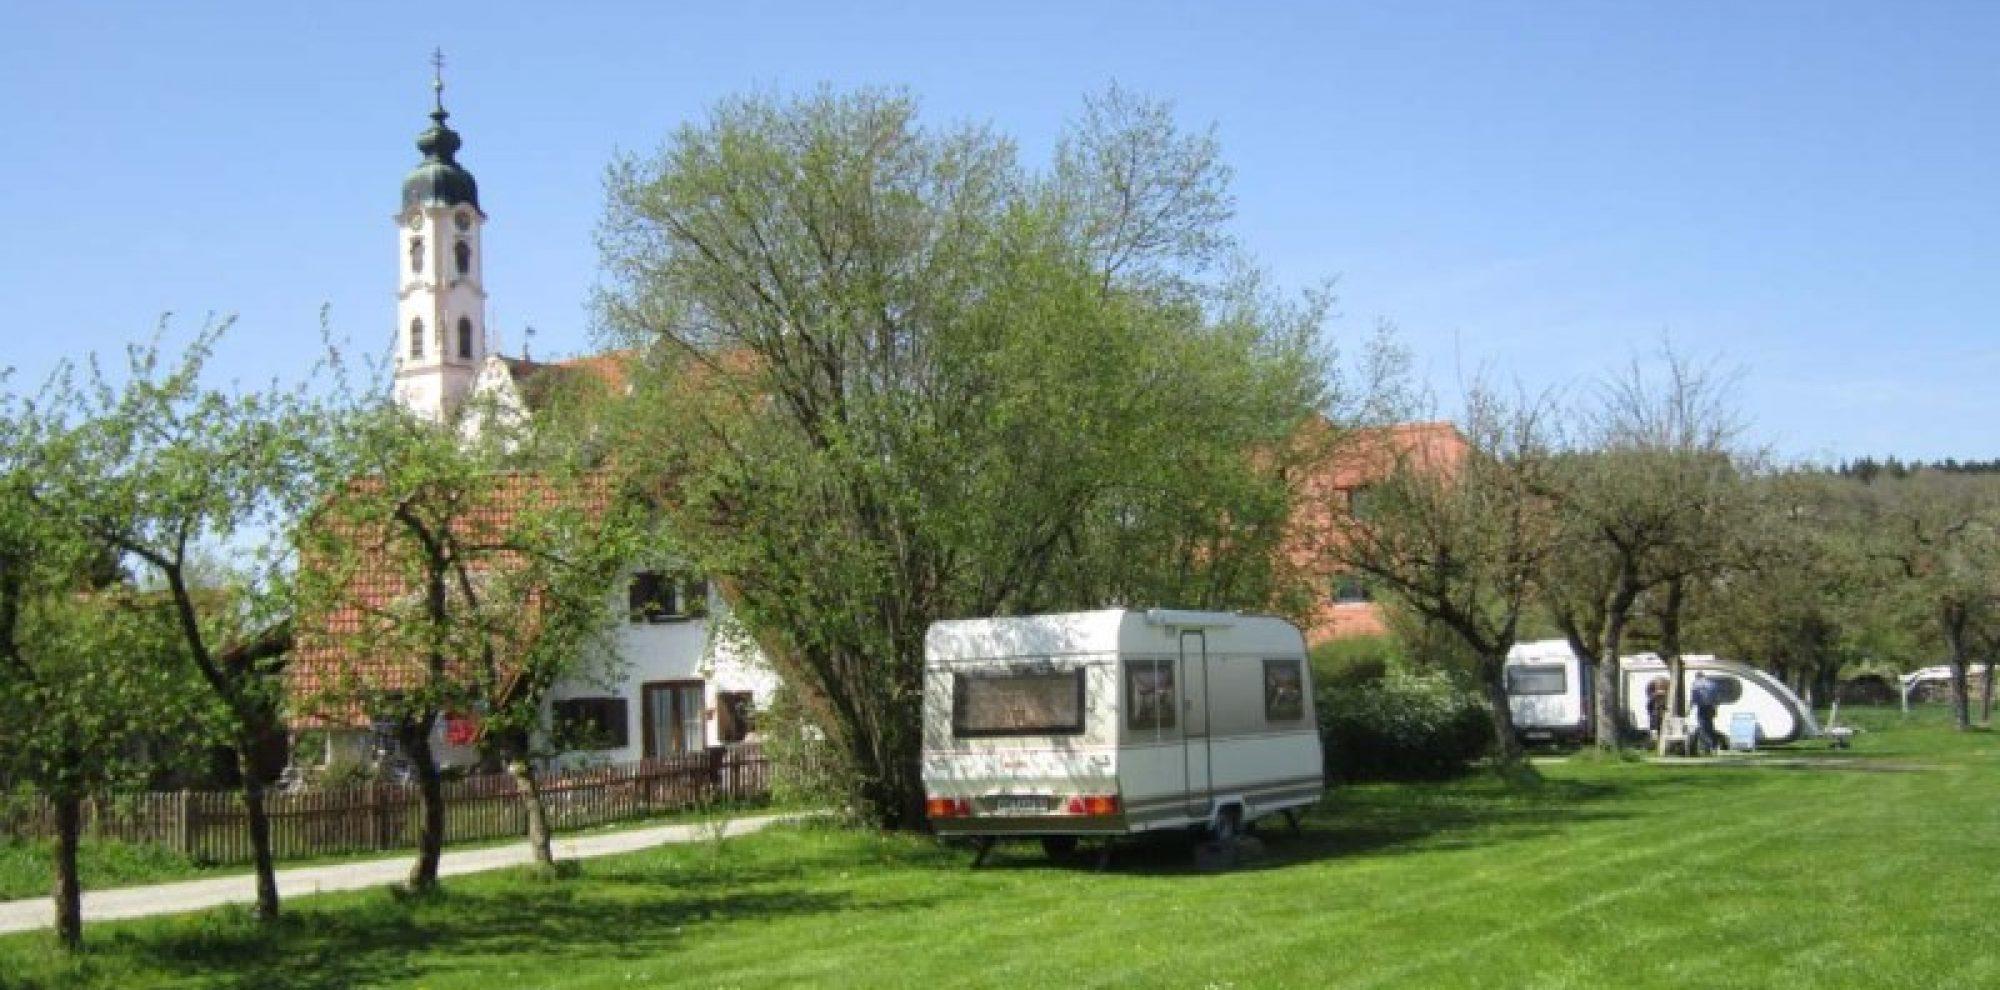 Campingplatz von Steinhausen